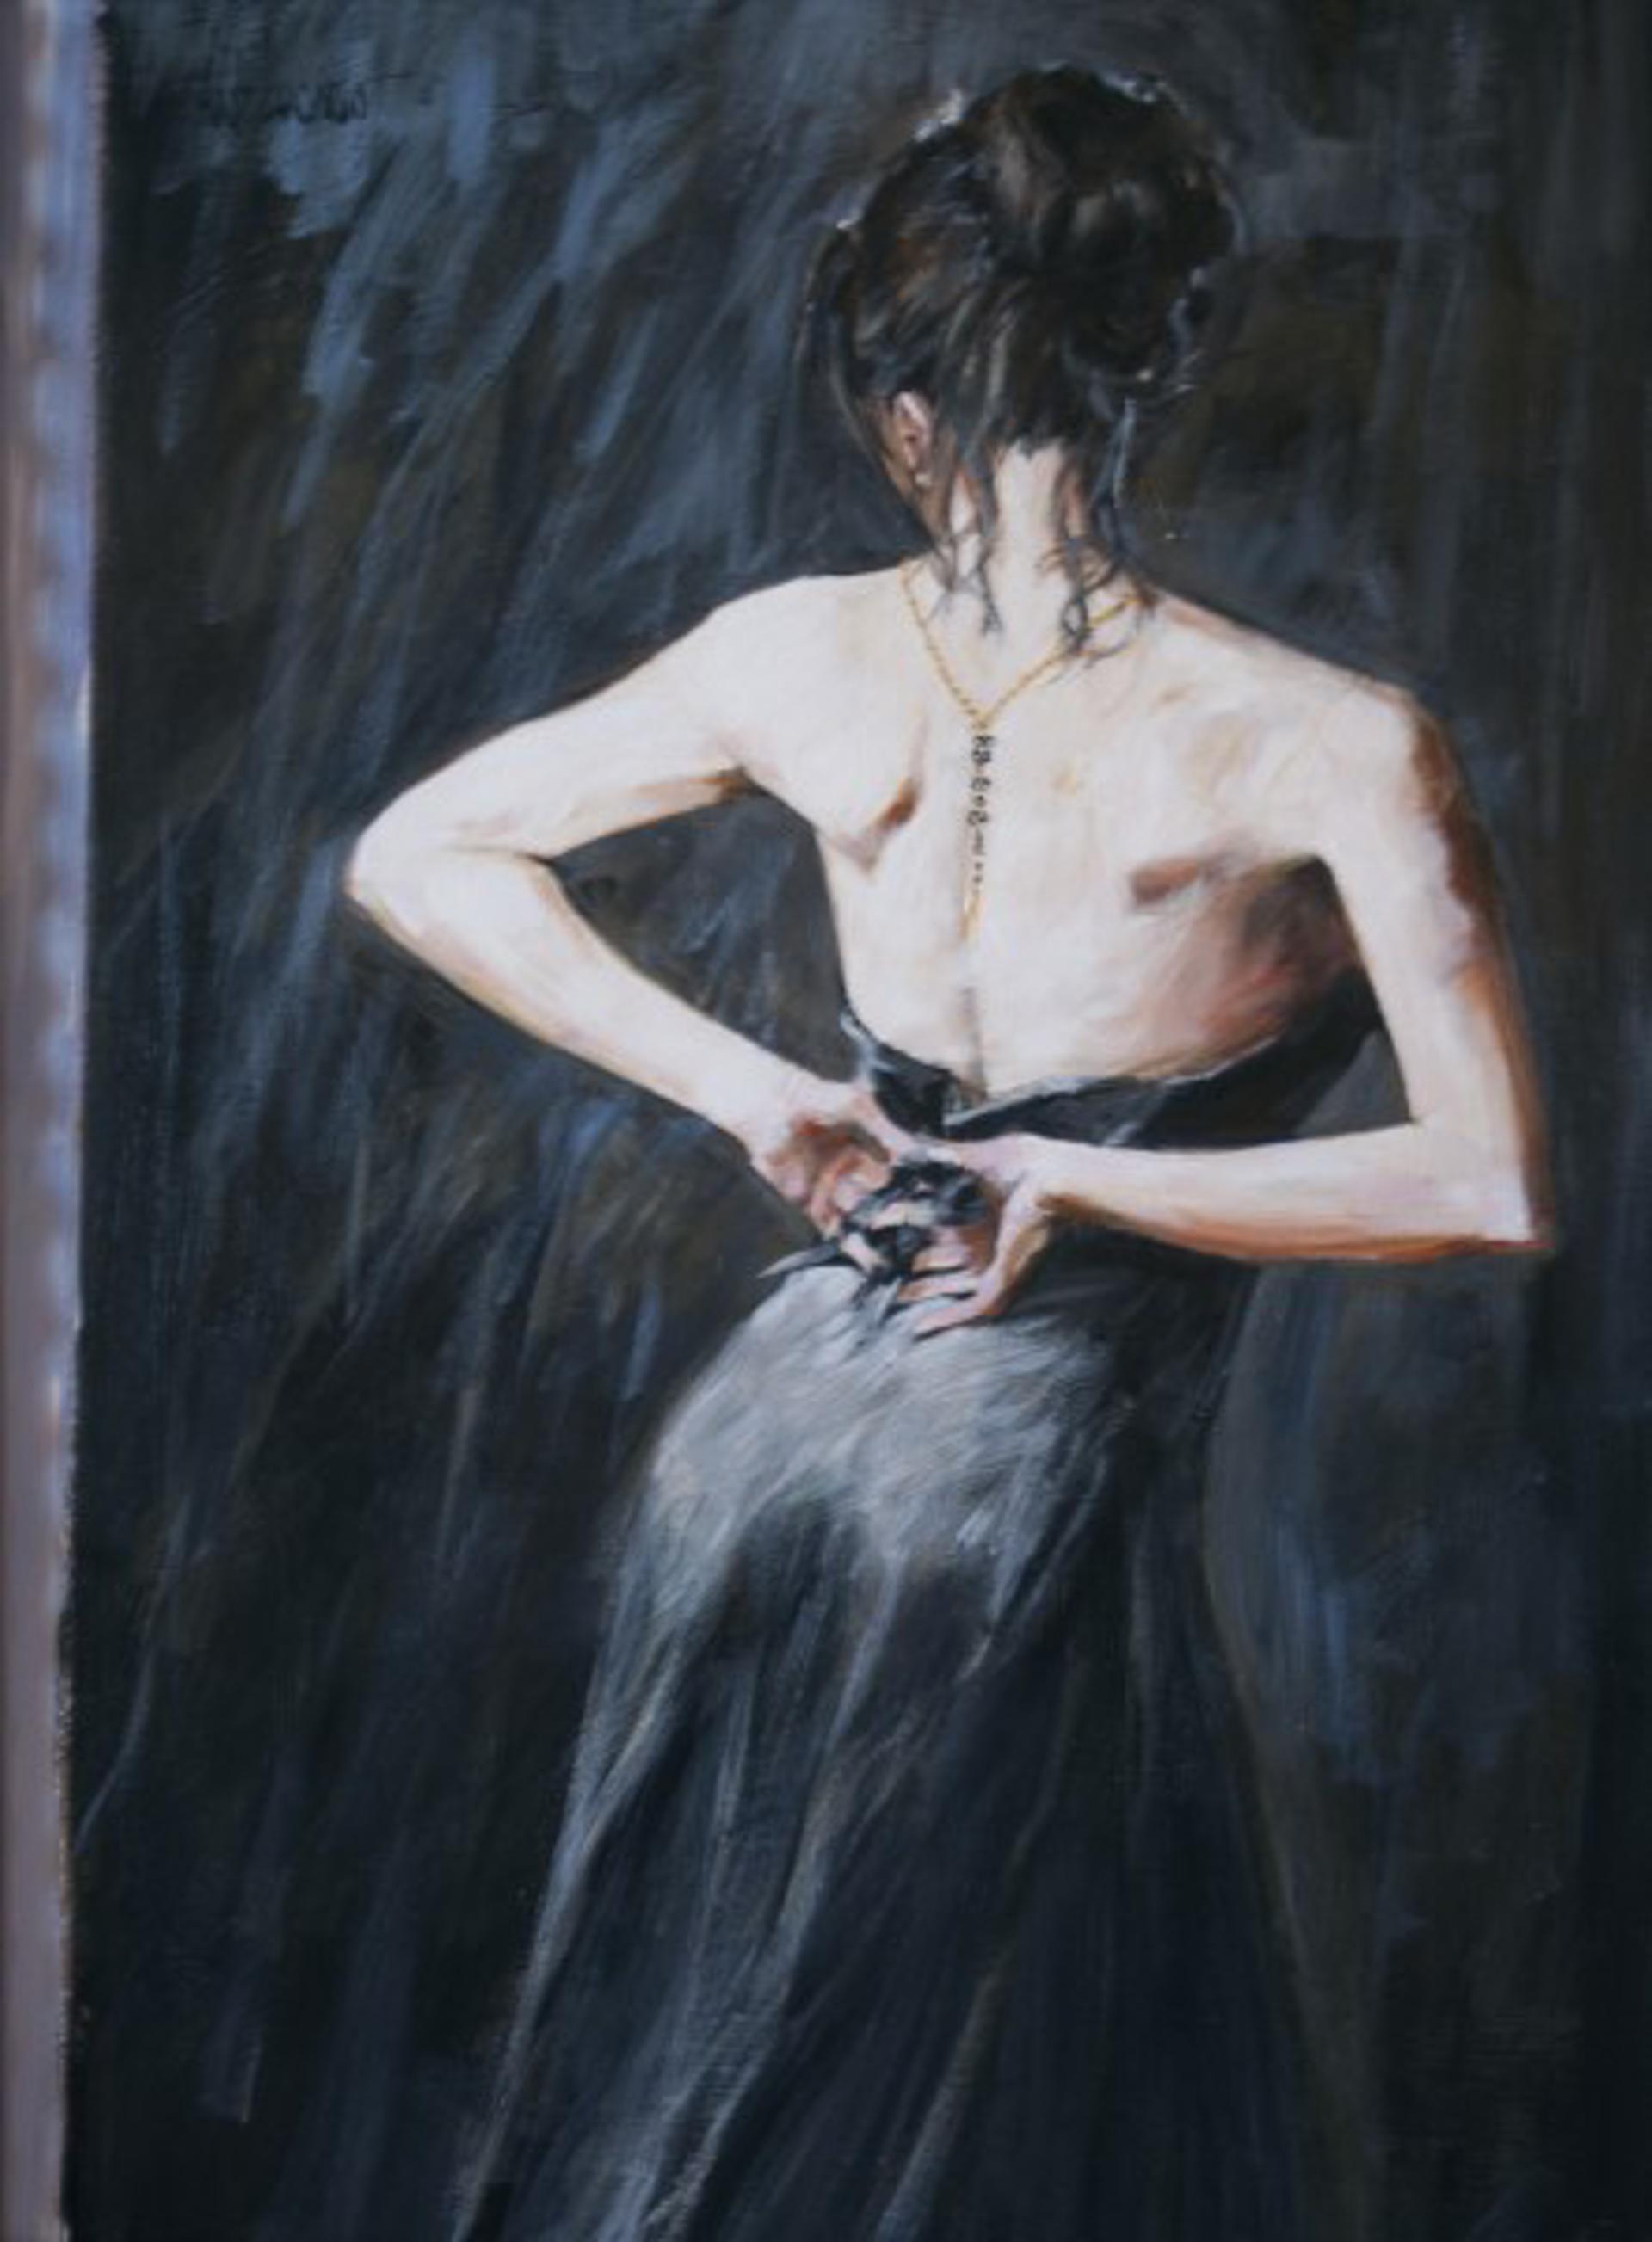 Little Black Dress (SN) by Aldo Luongo